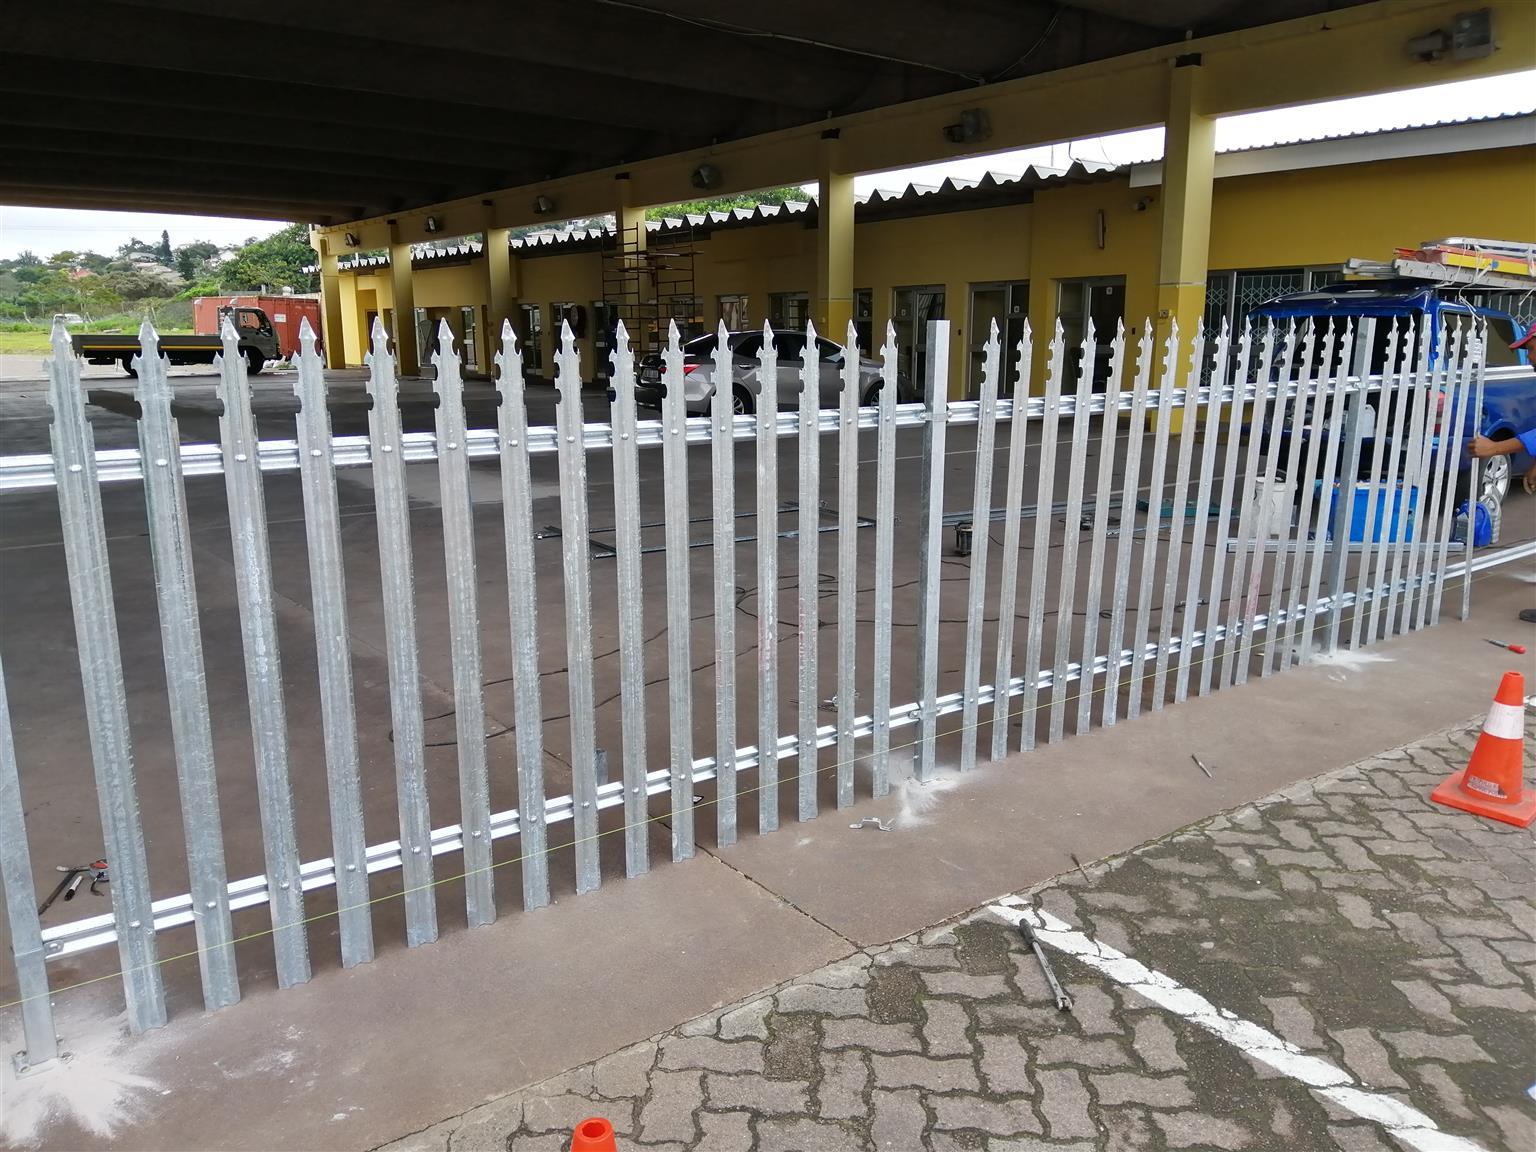 Carport an fencing